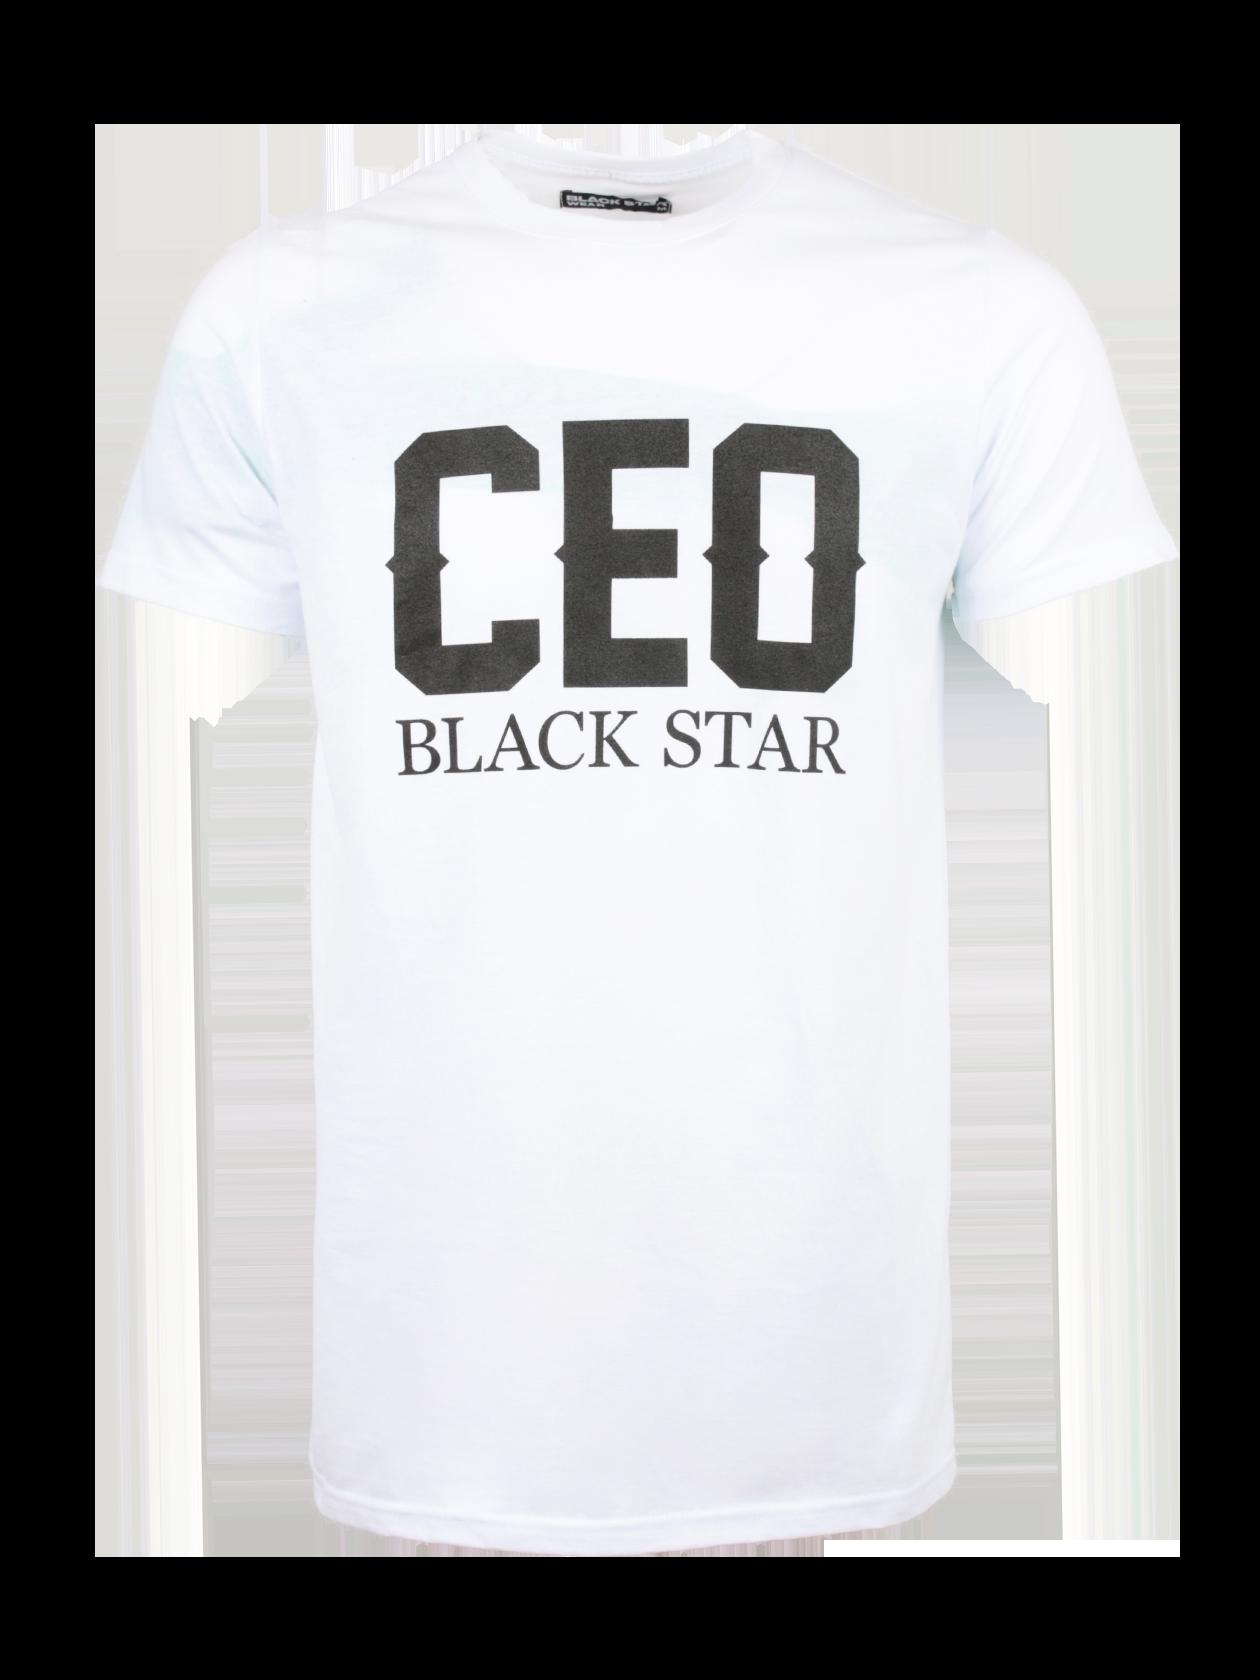 Футболка унисекс CEO ROYALTYФутболка унисекс Ceo Royalty от бренда Black Star Wear – достойный выбор для активных молодых людей. Изделие классического дизайна, слегка удлиненной формы, прямого полусвободного силуэта. Базовая черная расцветка актуальна в любом сезоне и подходит под любую одежду и обувь. Модель создана из натурального хлопка класса «люкс», отличается износостойкостью, приятна к телу. Футболка декорирована голографической золотой надписью «Ceo Black Star» на груди. Незаменимая вещь для спорта и отдыха.<br><br>Размер: L<br>Цвет: Белый<br>Пол: Мужской